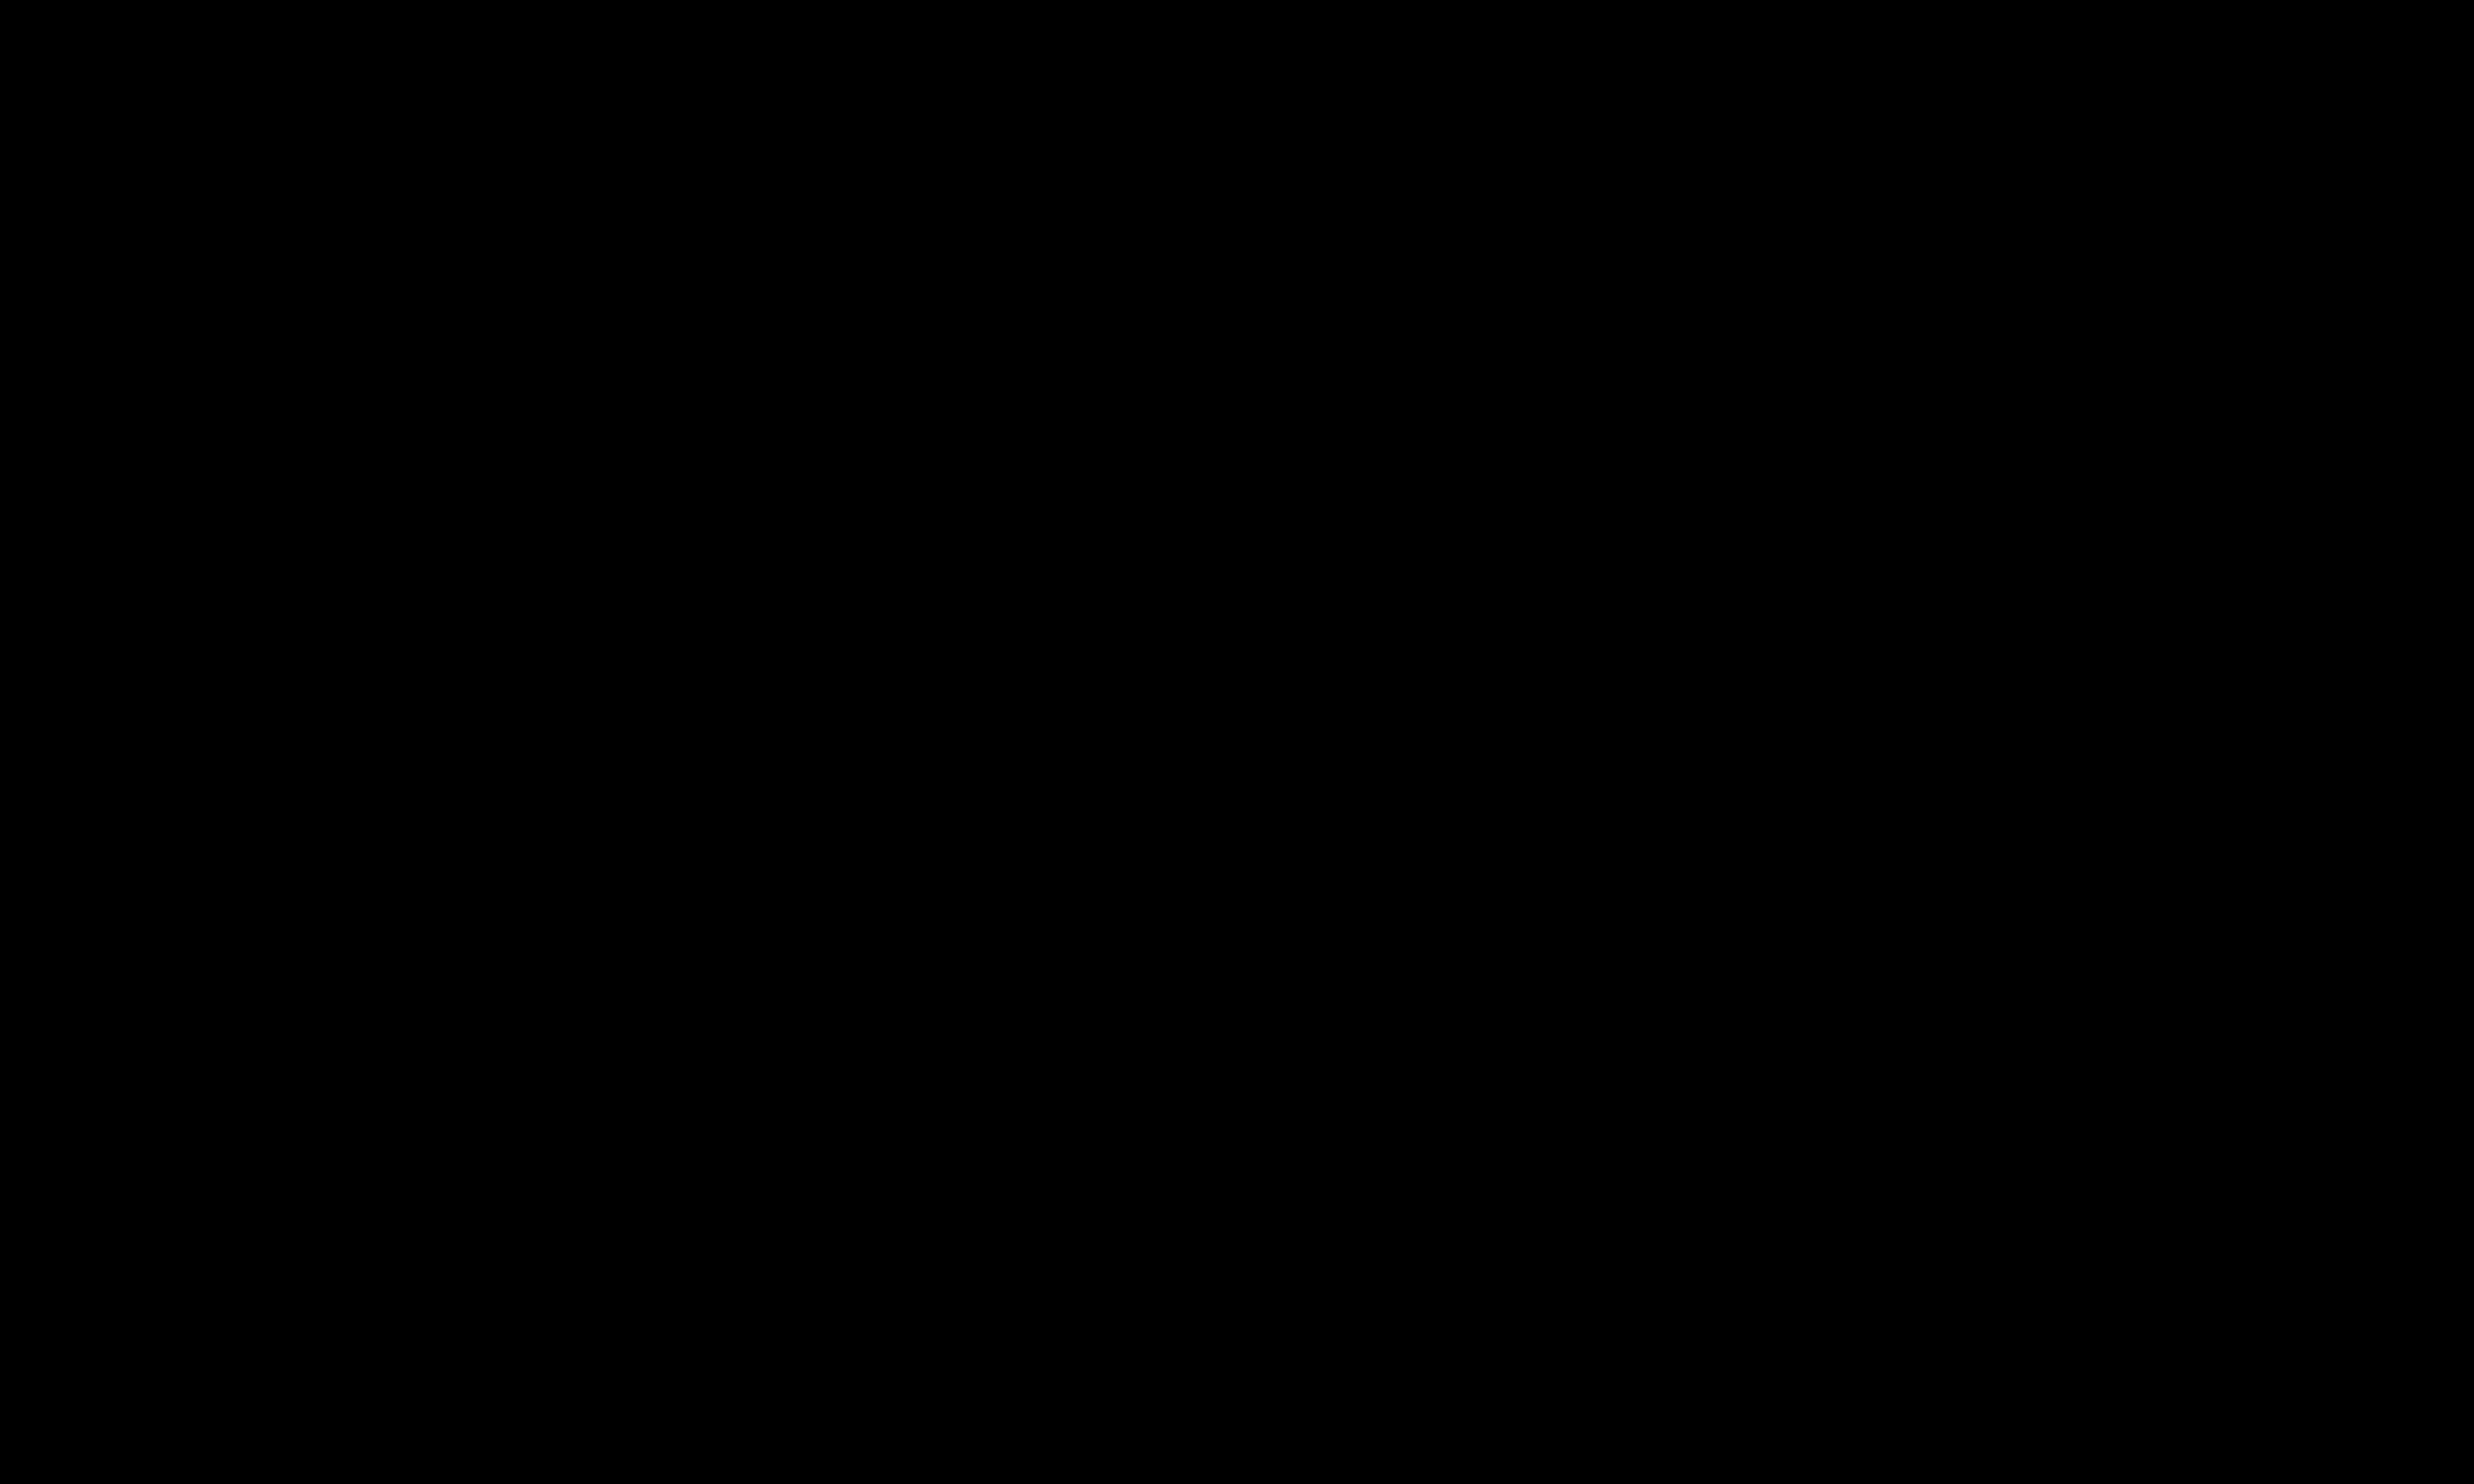 black_logo_transparent_background